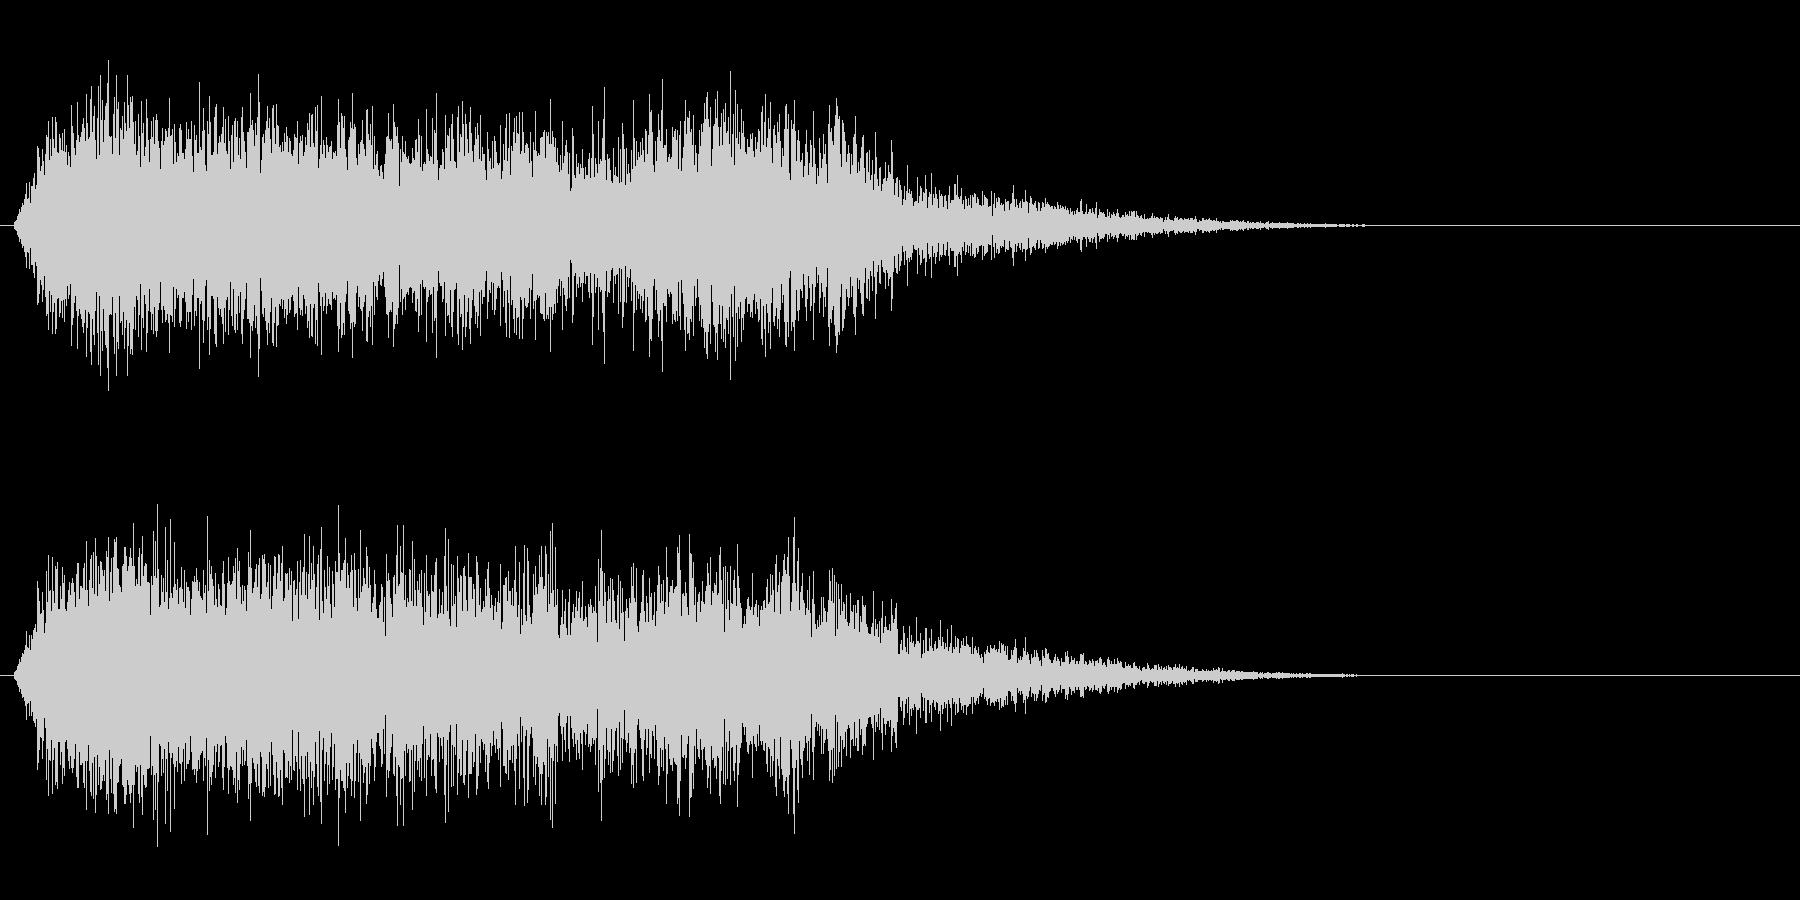 竜/ドラゴン/モンスターの鳴き声!02Bの未再生の波形